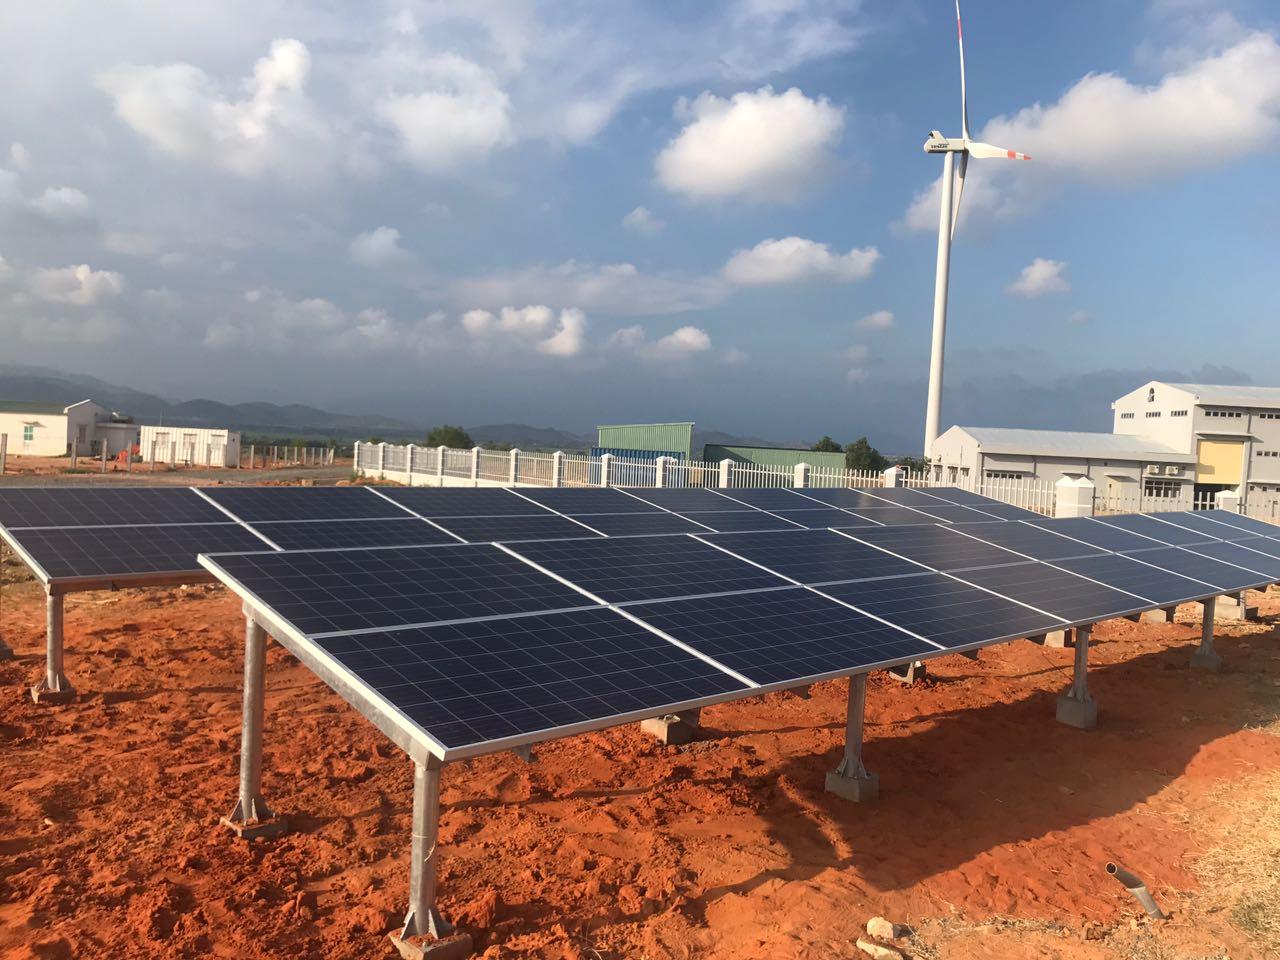 Kết quả hình ảnh cho dự án điện mặt trời khánh hòa